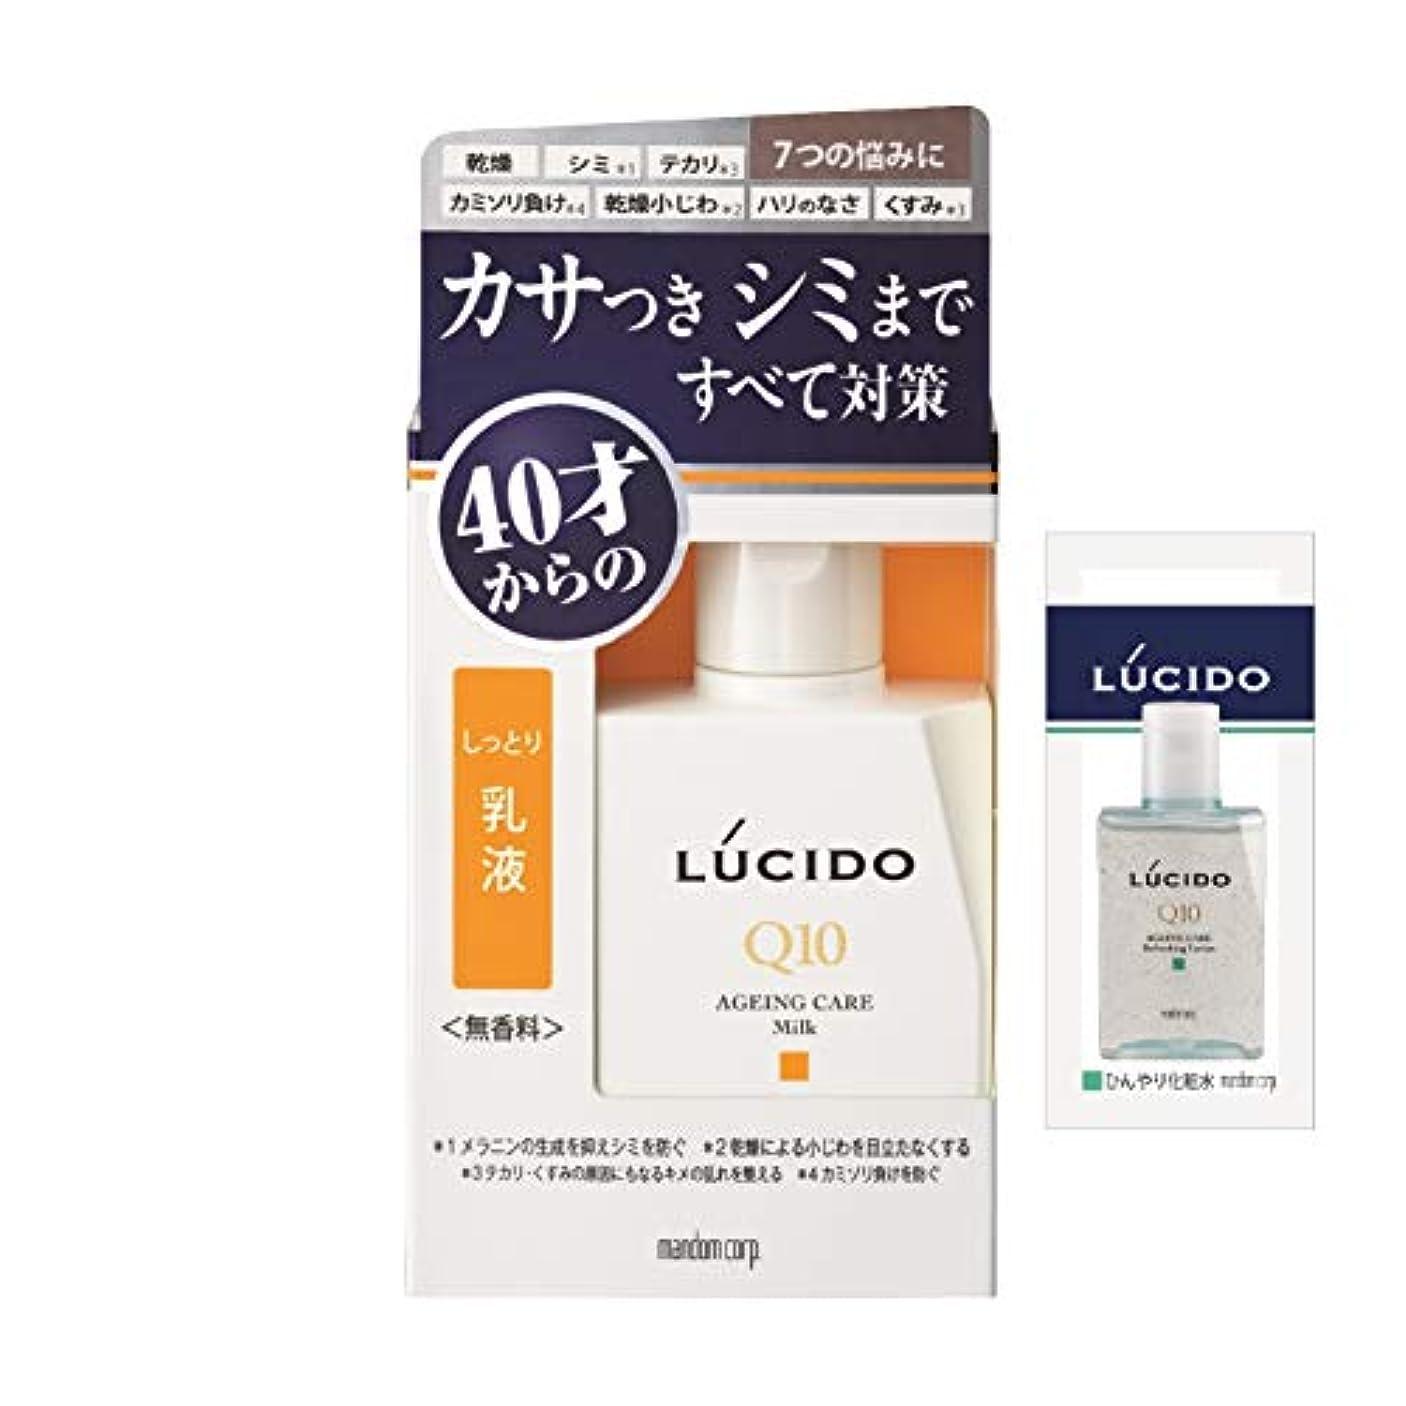 公演限られた潤滑する【Amazon.co.jp限定】 LUCIDO(ルシード) ルシード 薬用 トータルケア乳液 (医薬部外品) 100ml+サンプル付